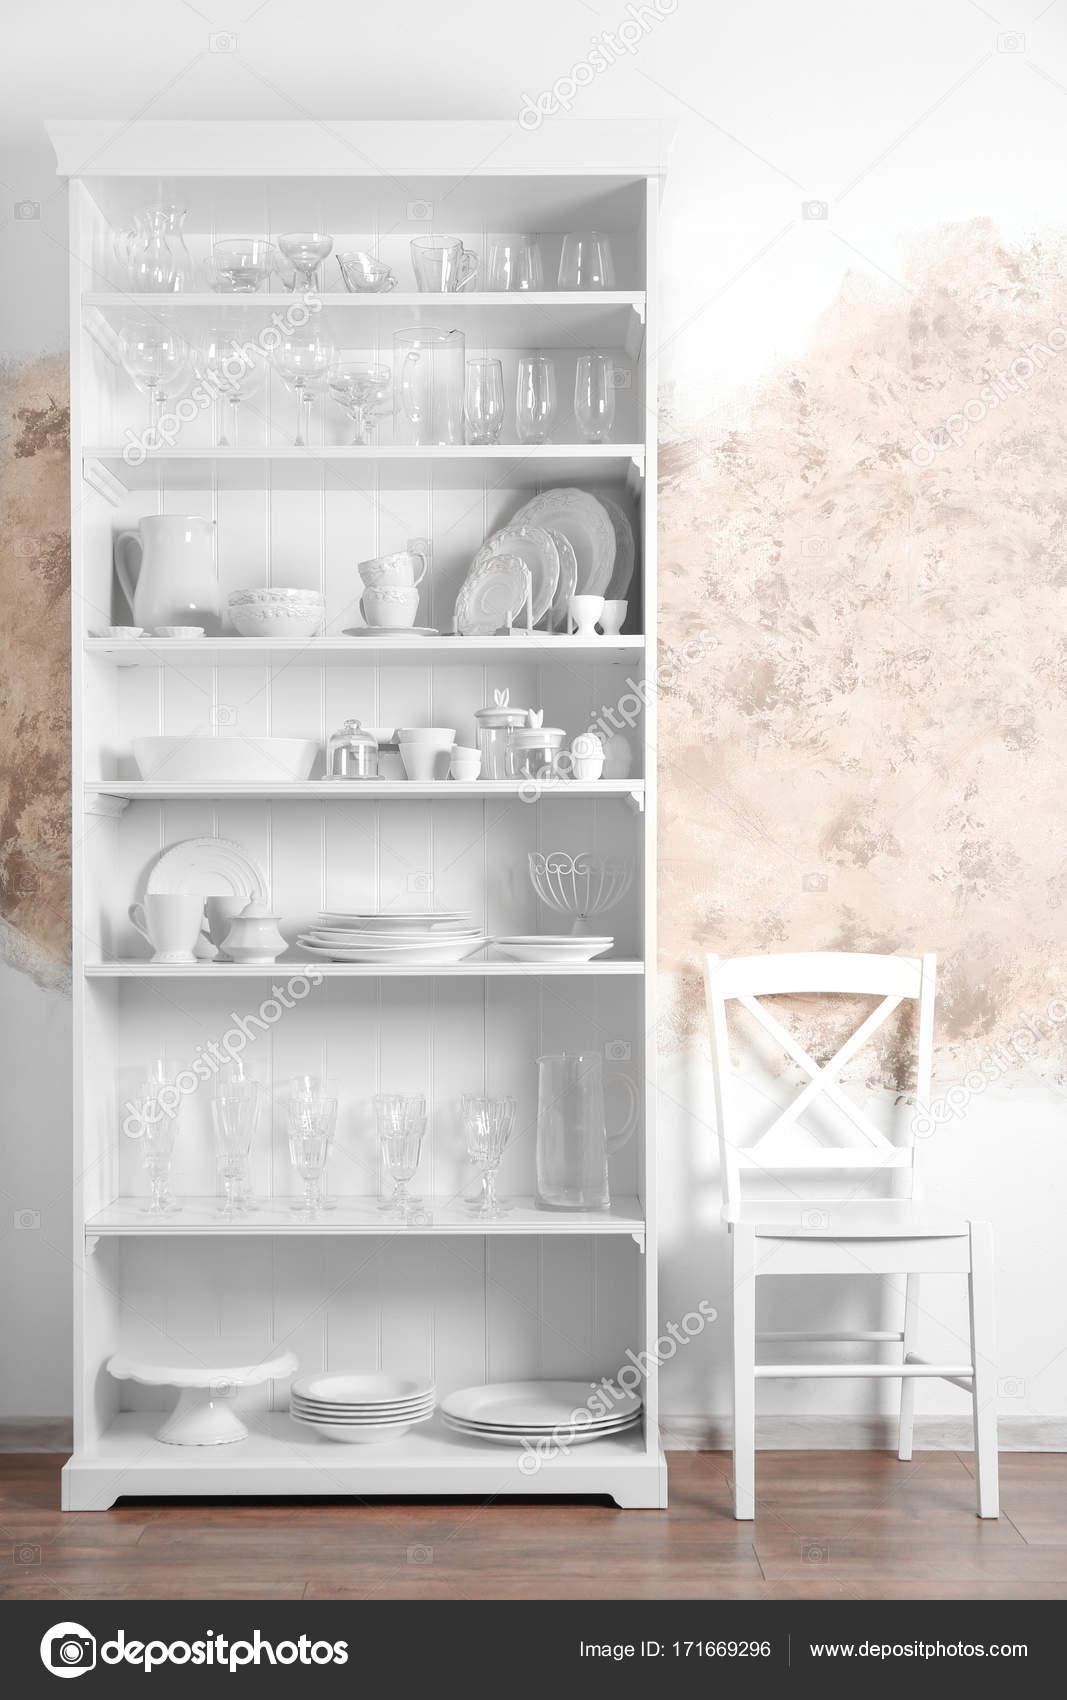 support de rangement avec vaisselle photographie. Black Bedroom Furniture Sets. Home Design Ideas